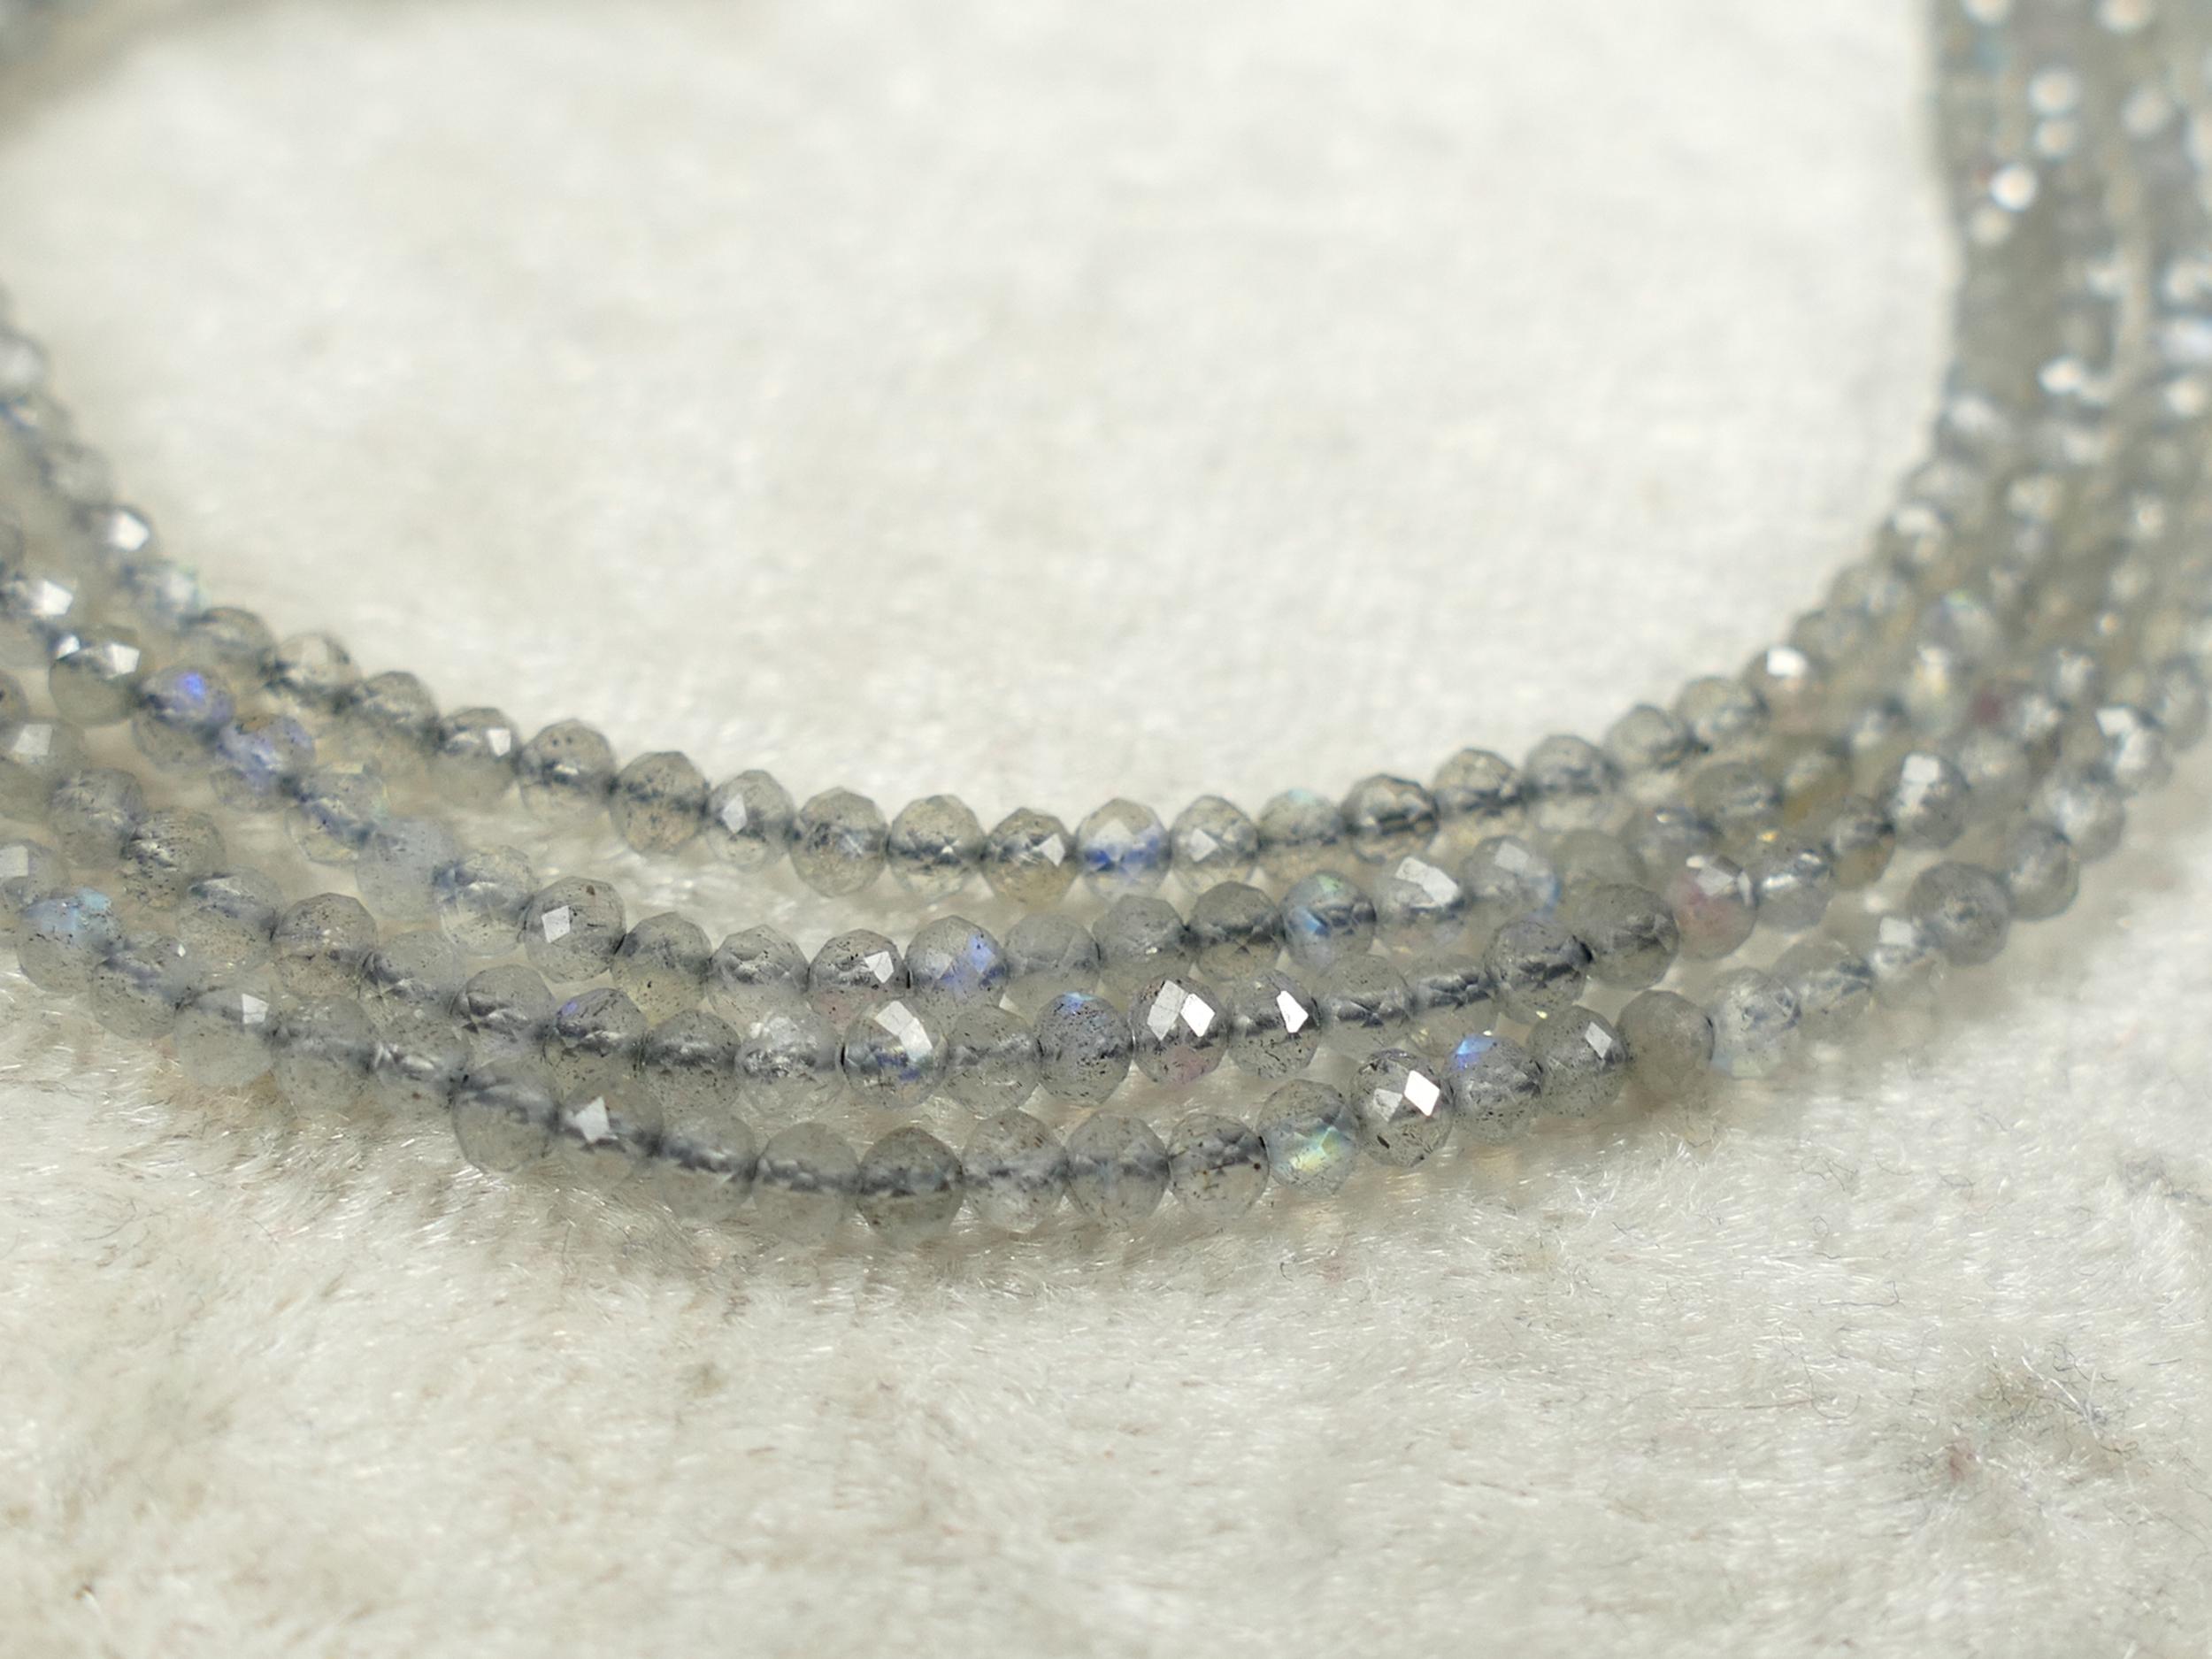 2.4mm Petite perles de Labradorite naturelle en micro rondelle facettée Madagascar x10cm (3.9inch) (#AC681)